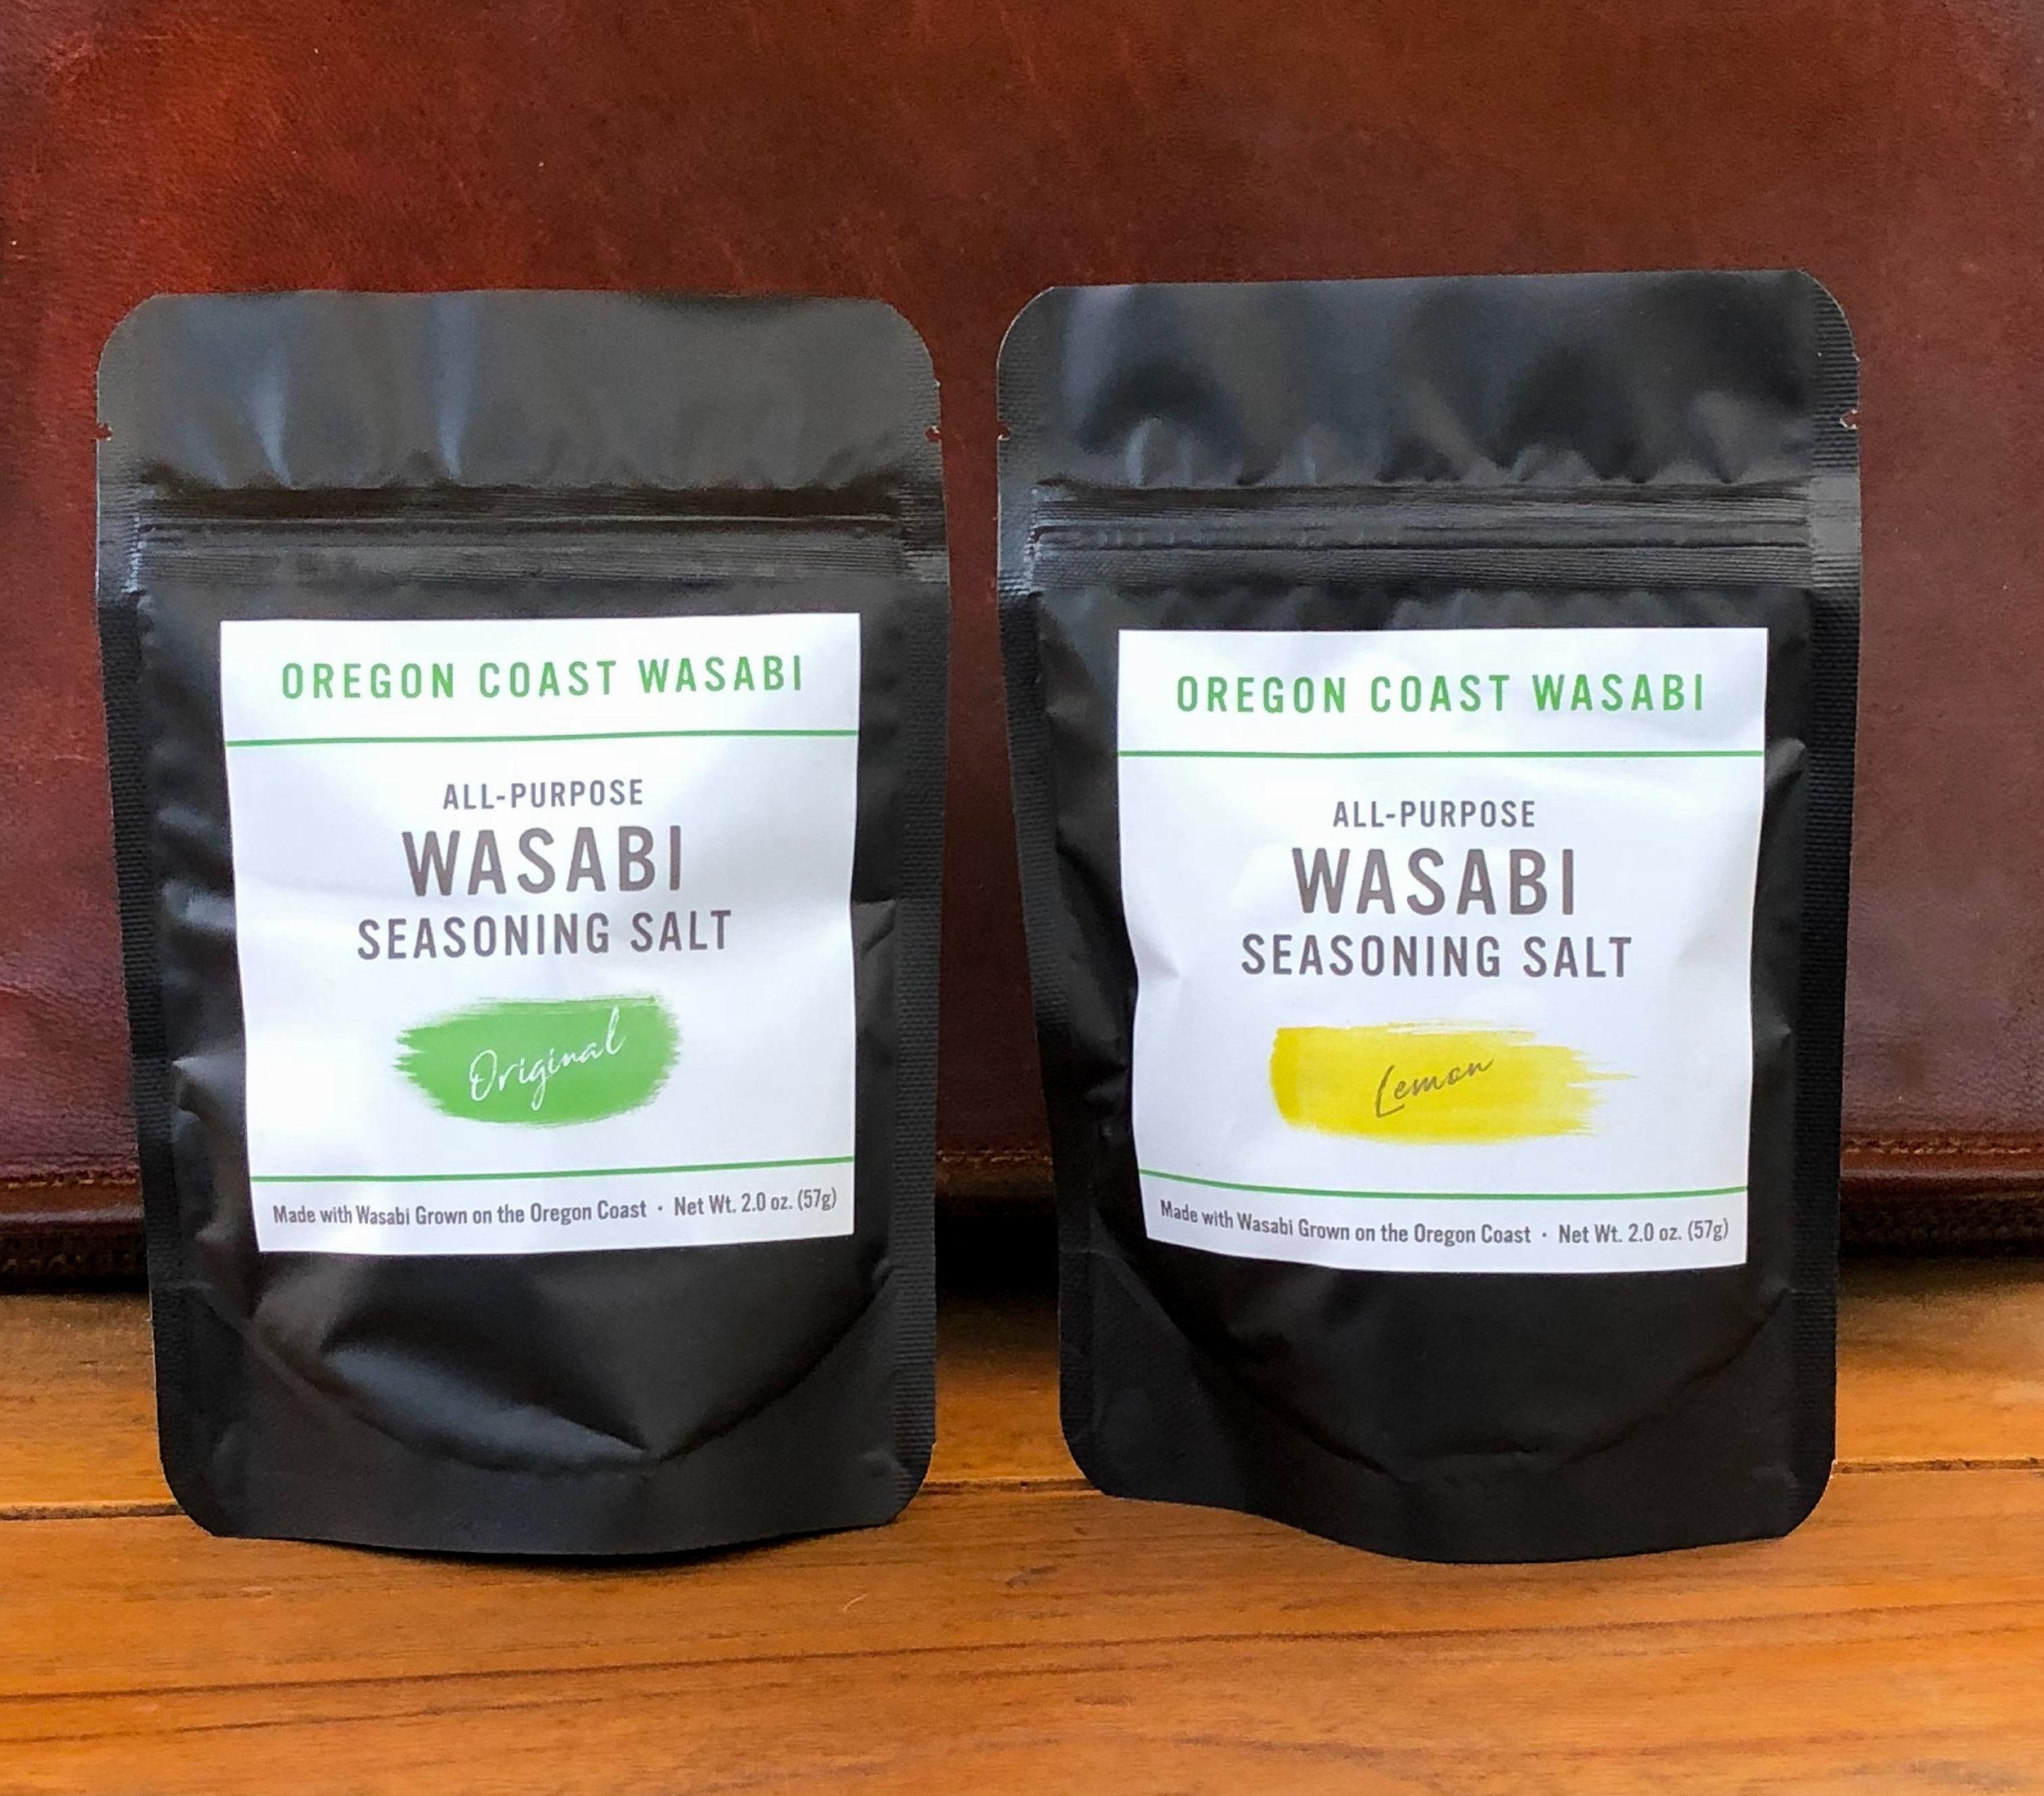 Oregon Coast Wasabi All Purpose Seasoning Salt -211.jpg